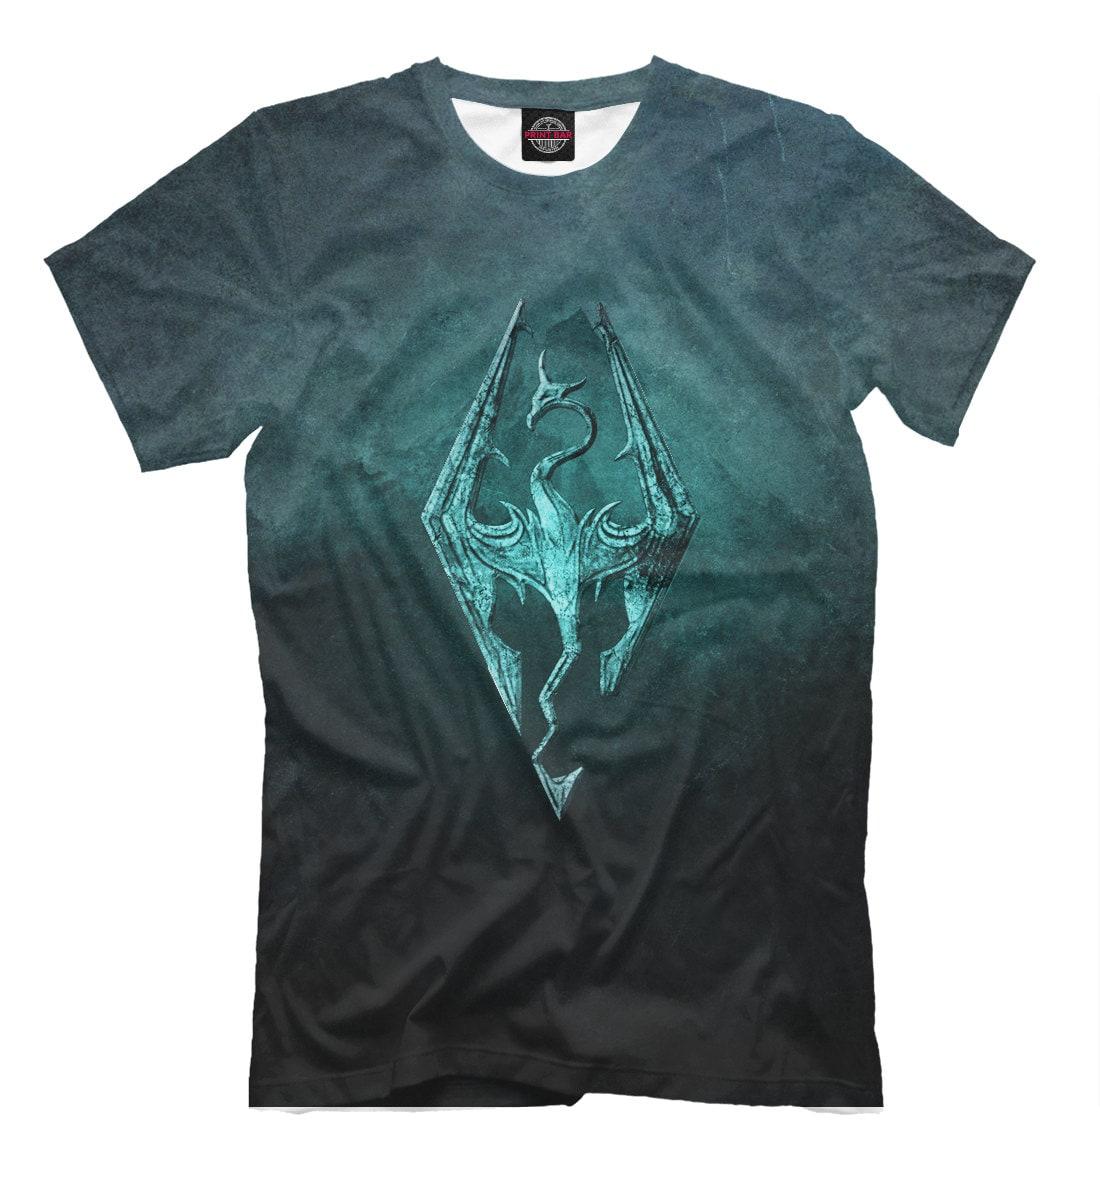 t shirt fullprint the elder scrolls skyrim